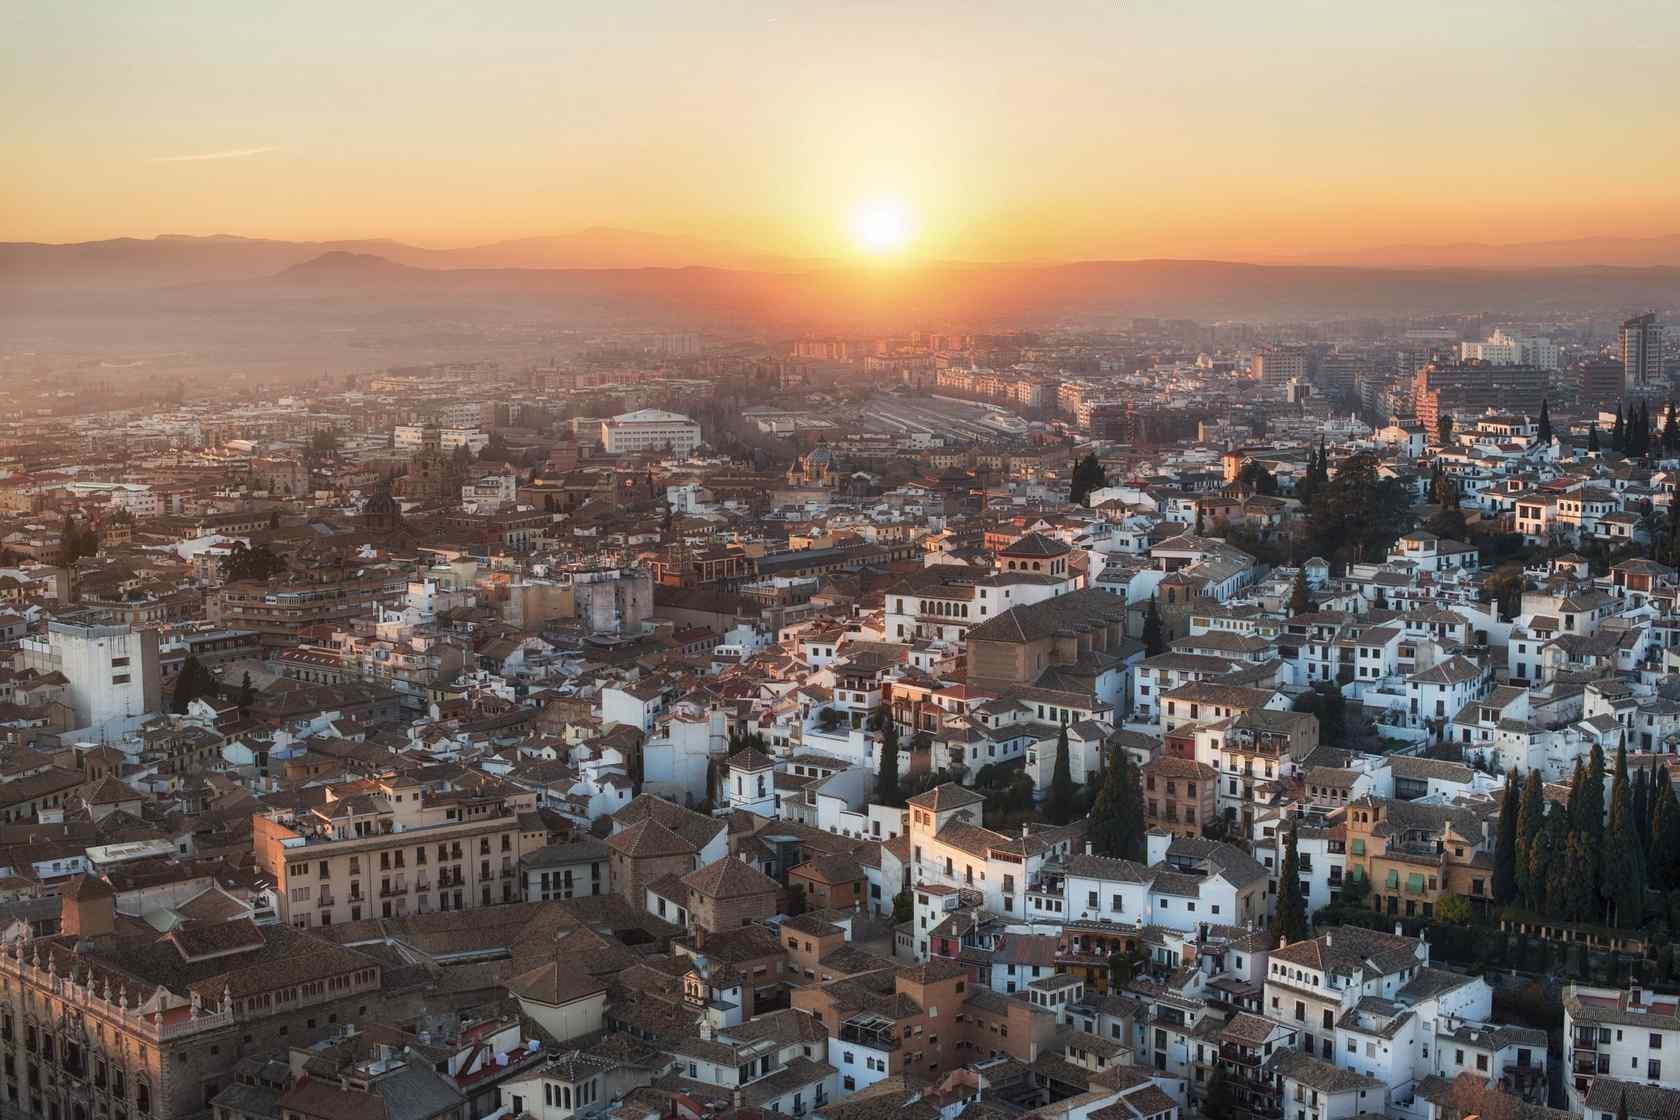 西班牙夕阳下格拉纳达城市桌面壁纸